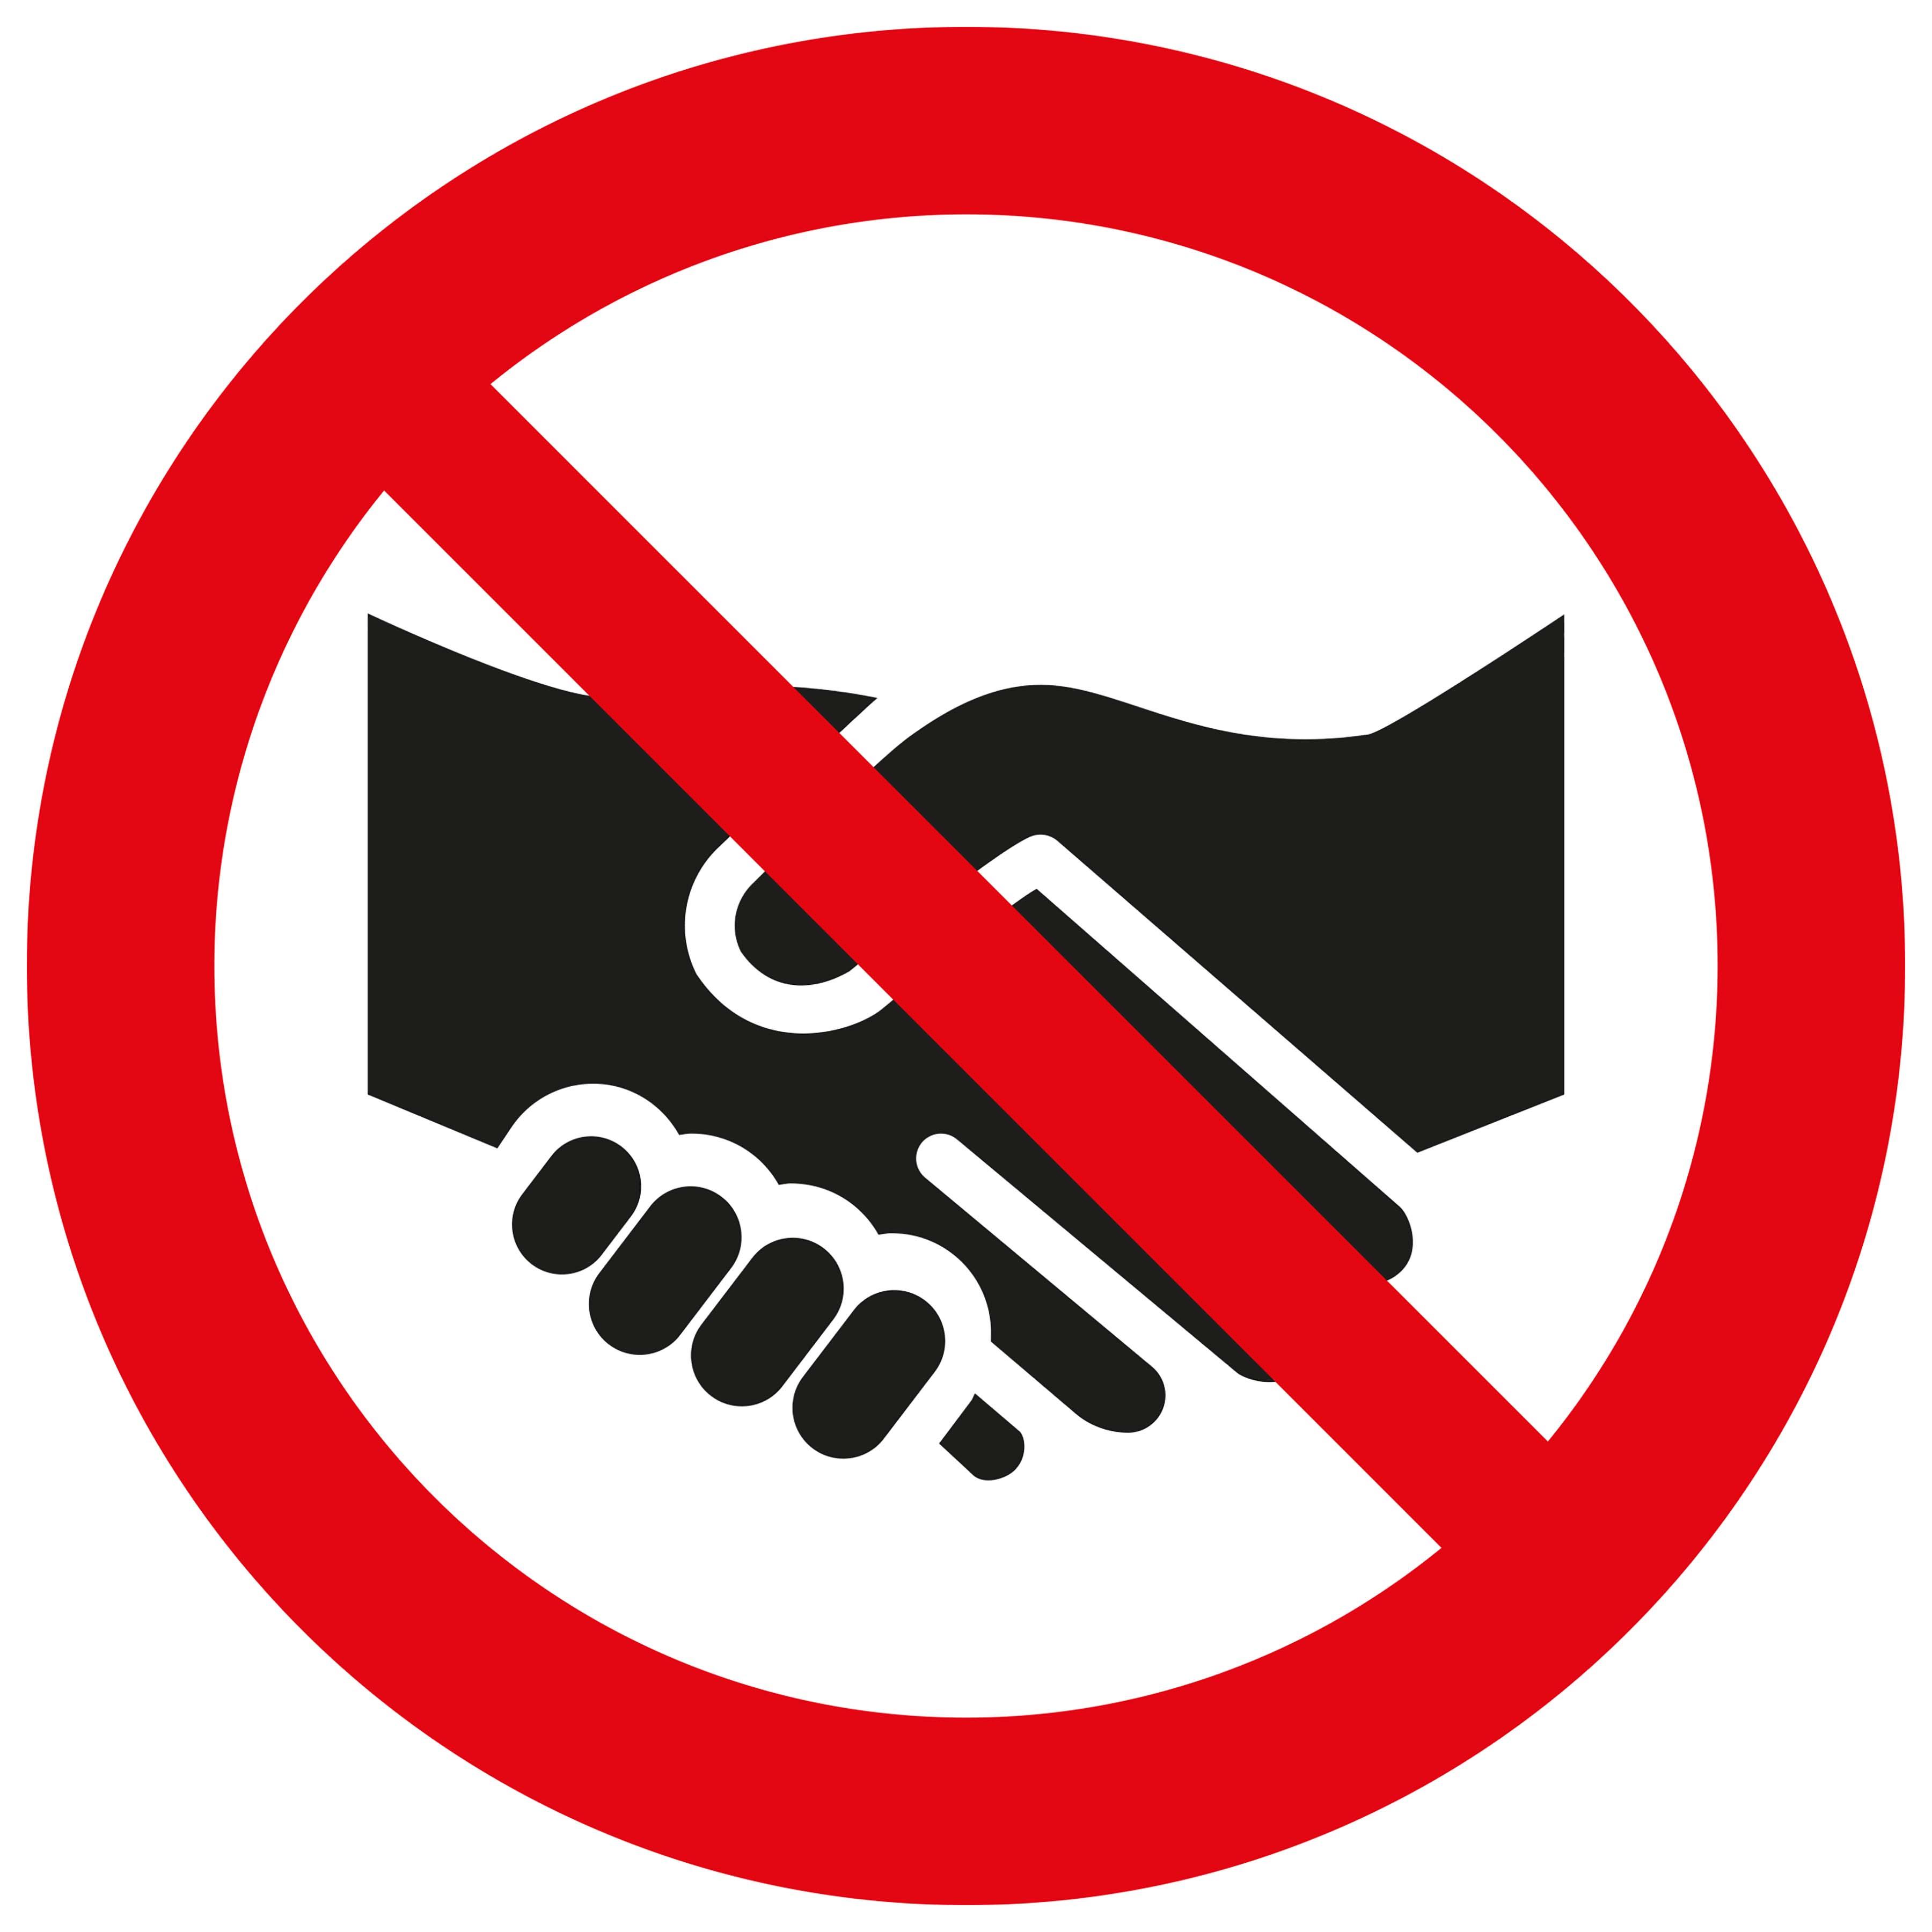 Sticker Wij geven u geen hand - We do not shake hands with you - Nous ne te serrons pas la main - Wir geben Ihnen nicht die Hand - social distance COVID19 COVID-19 corona virus